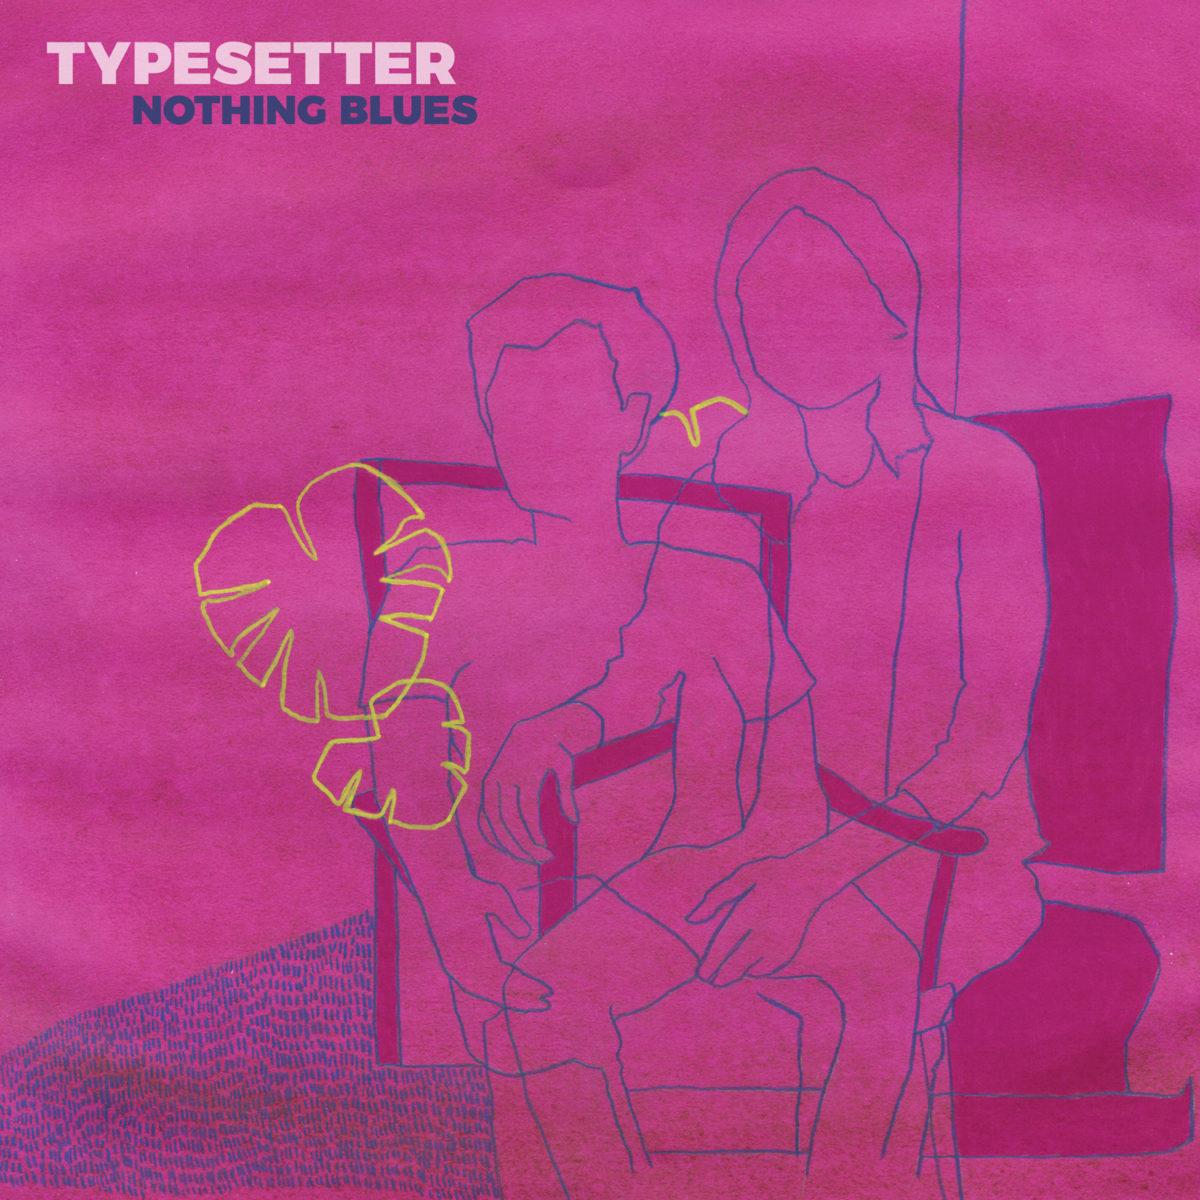 typesetter blues